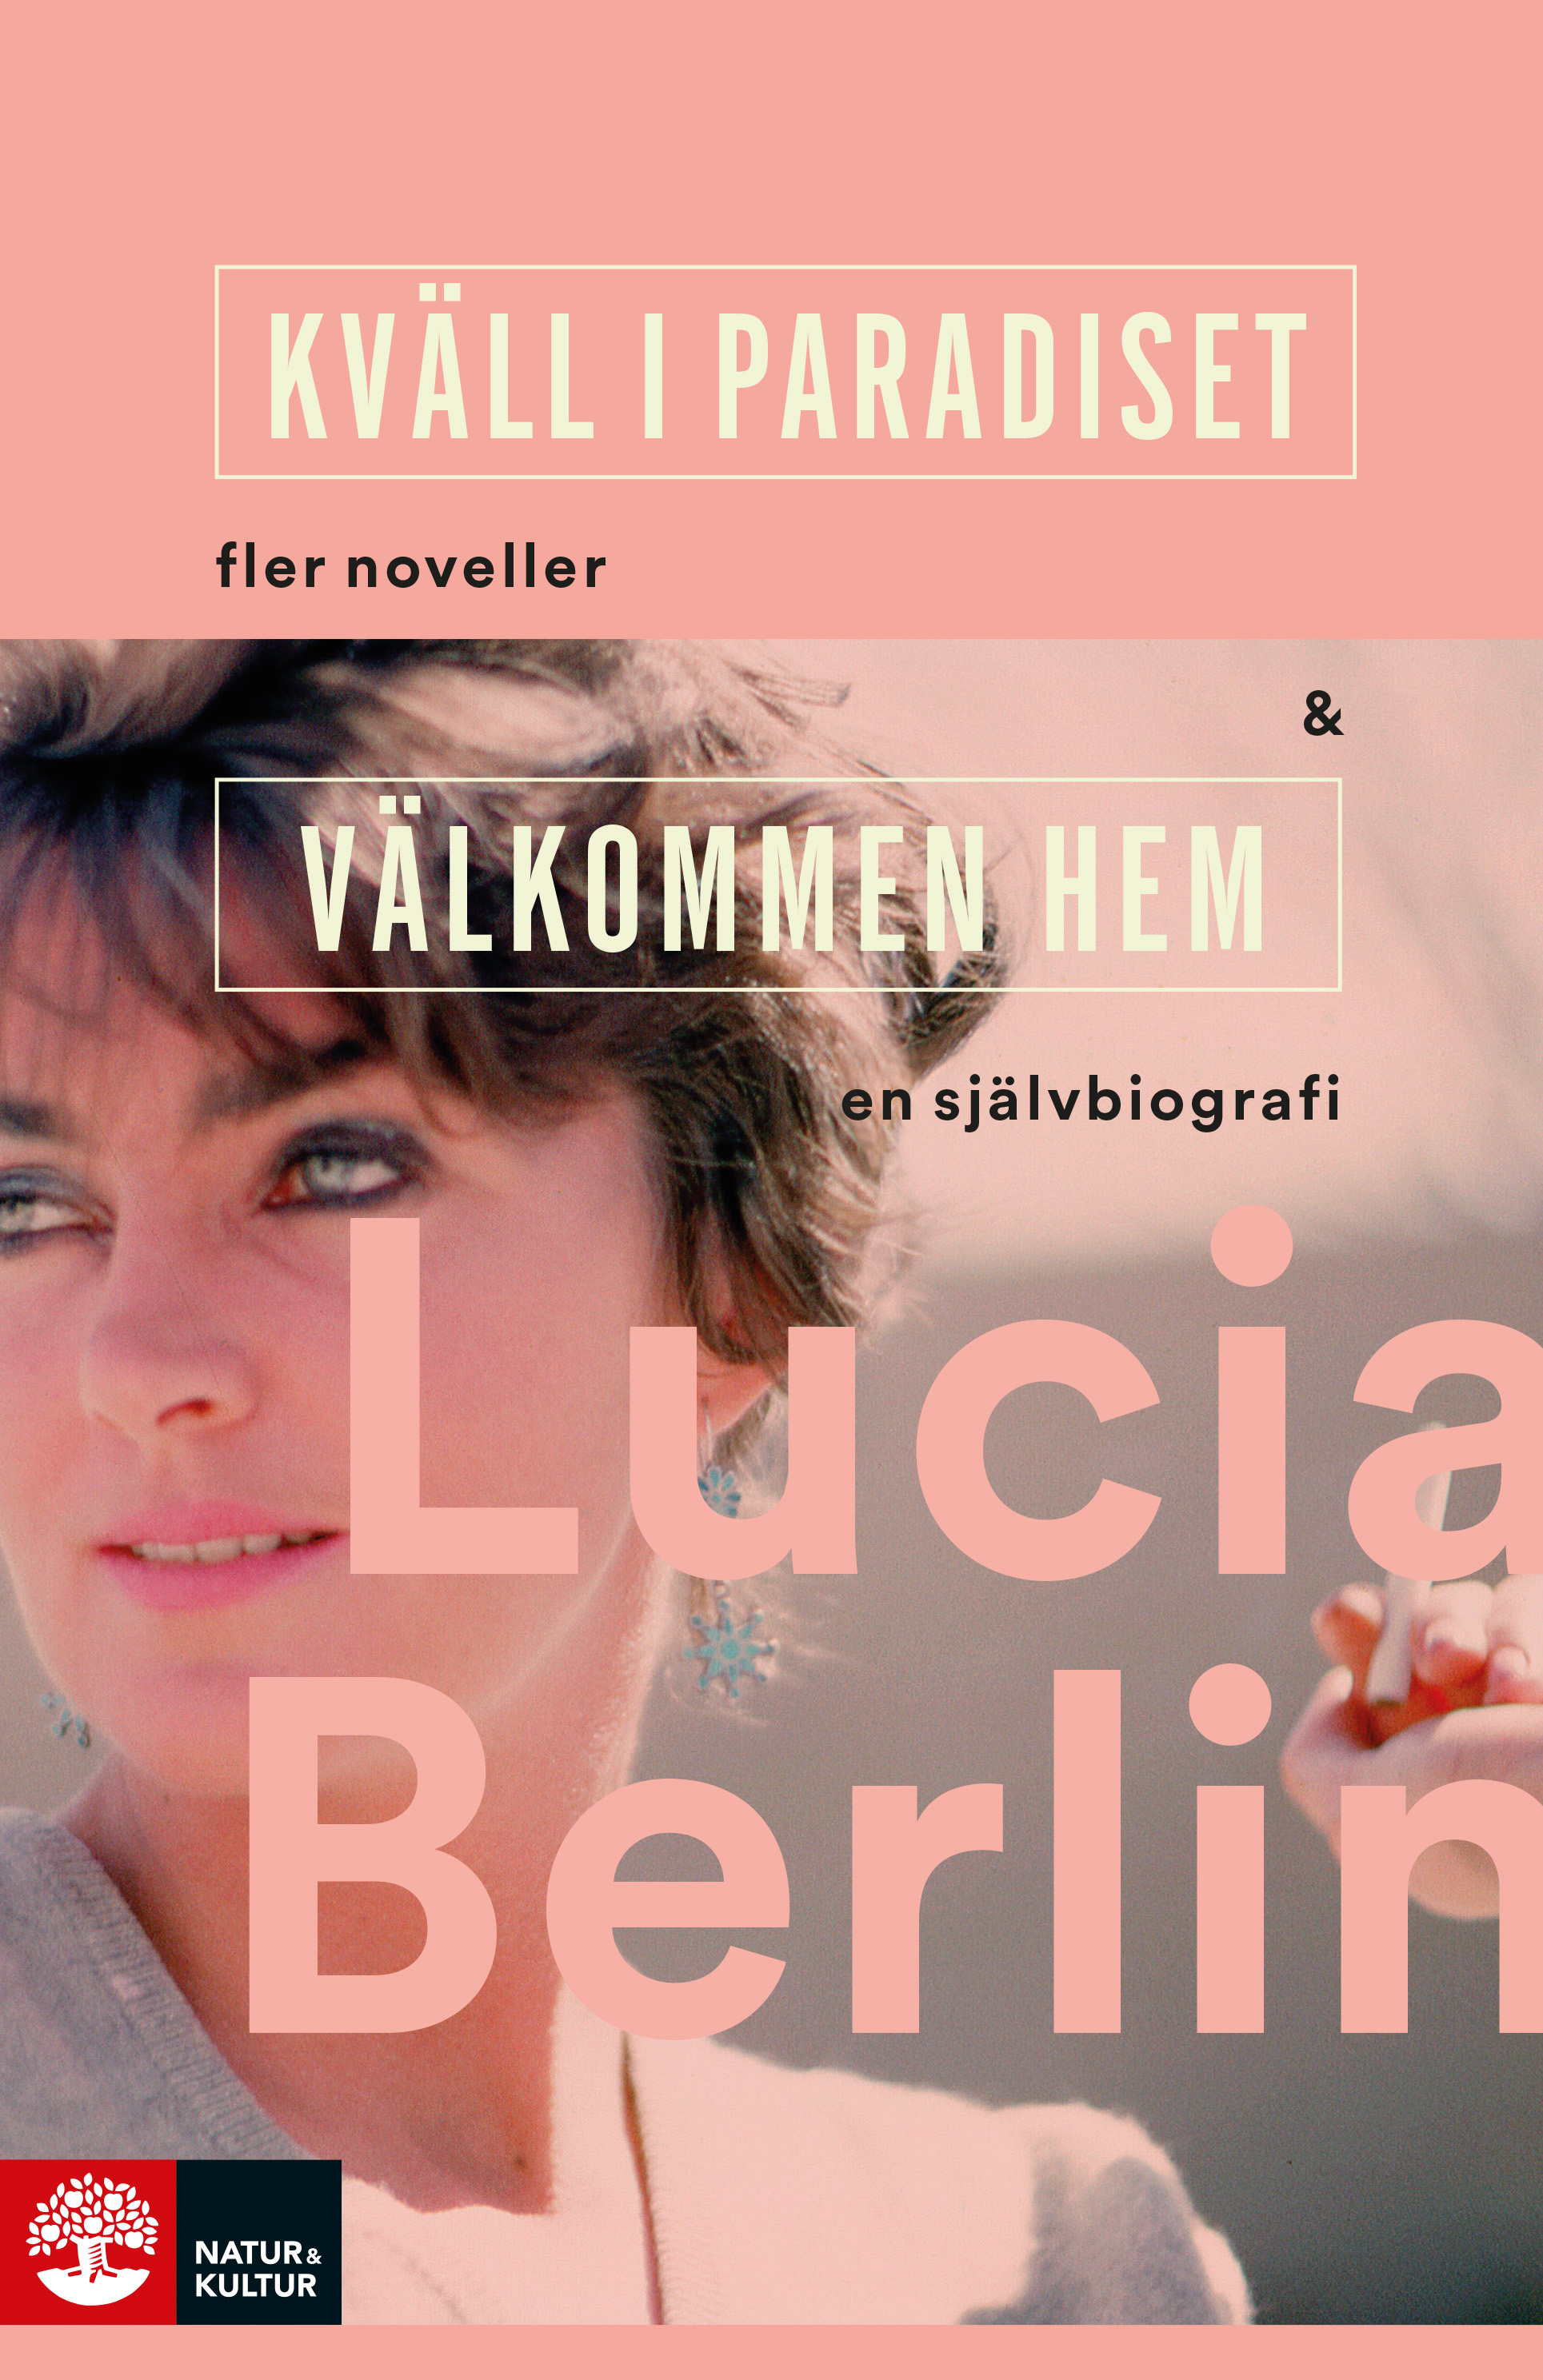 Kväll i paradiset av Lucia Berlin